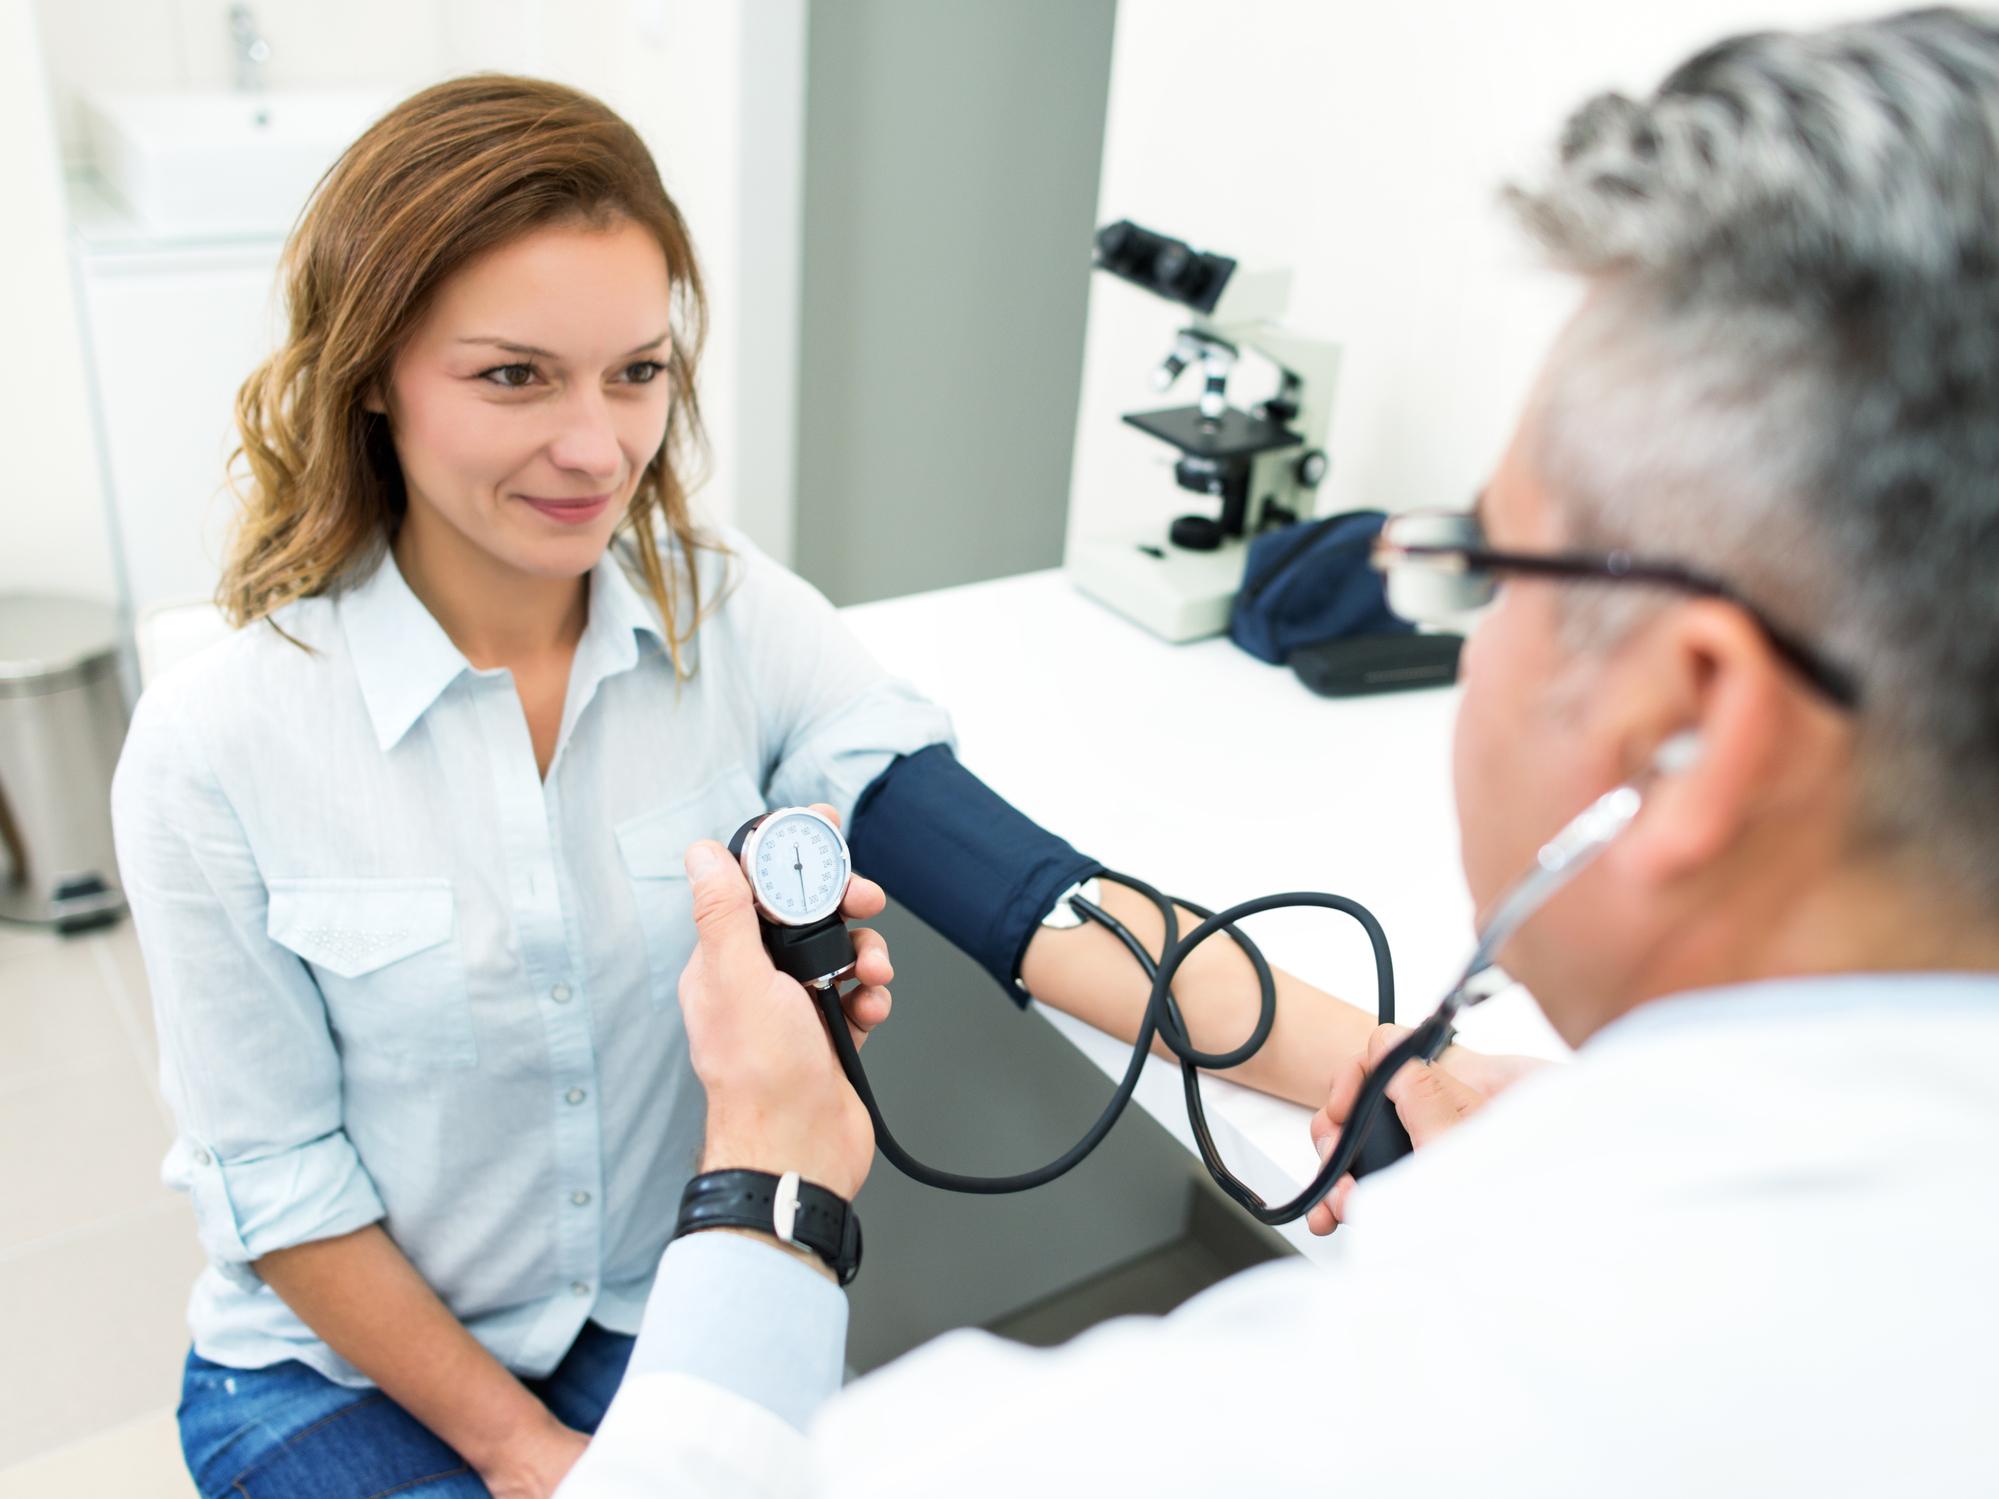 vizarsin magas vérnyomás esetén